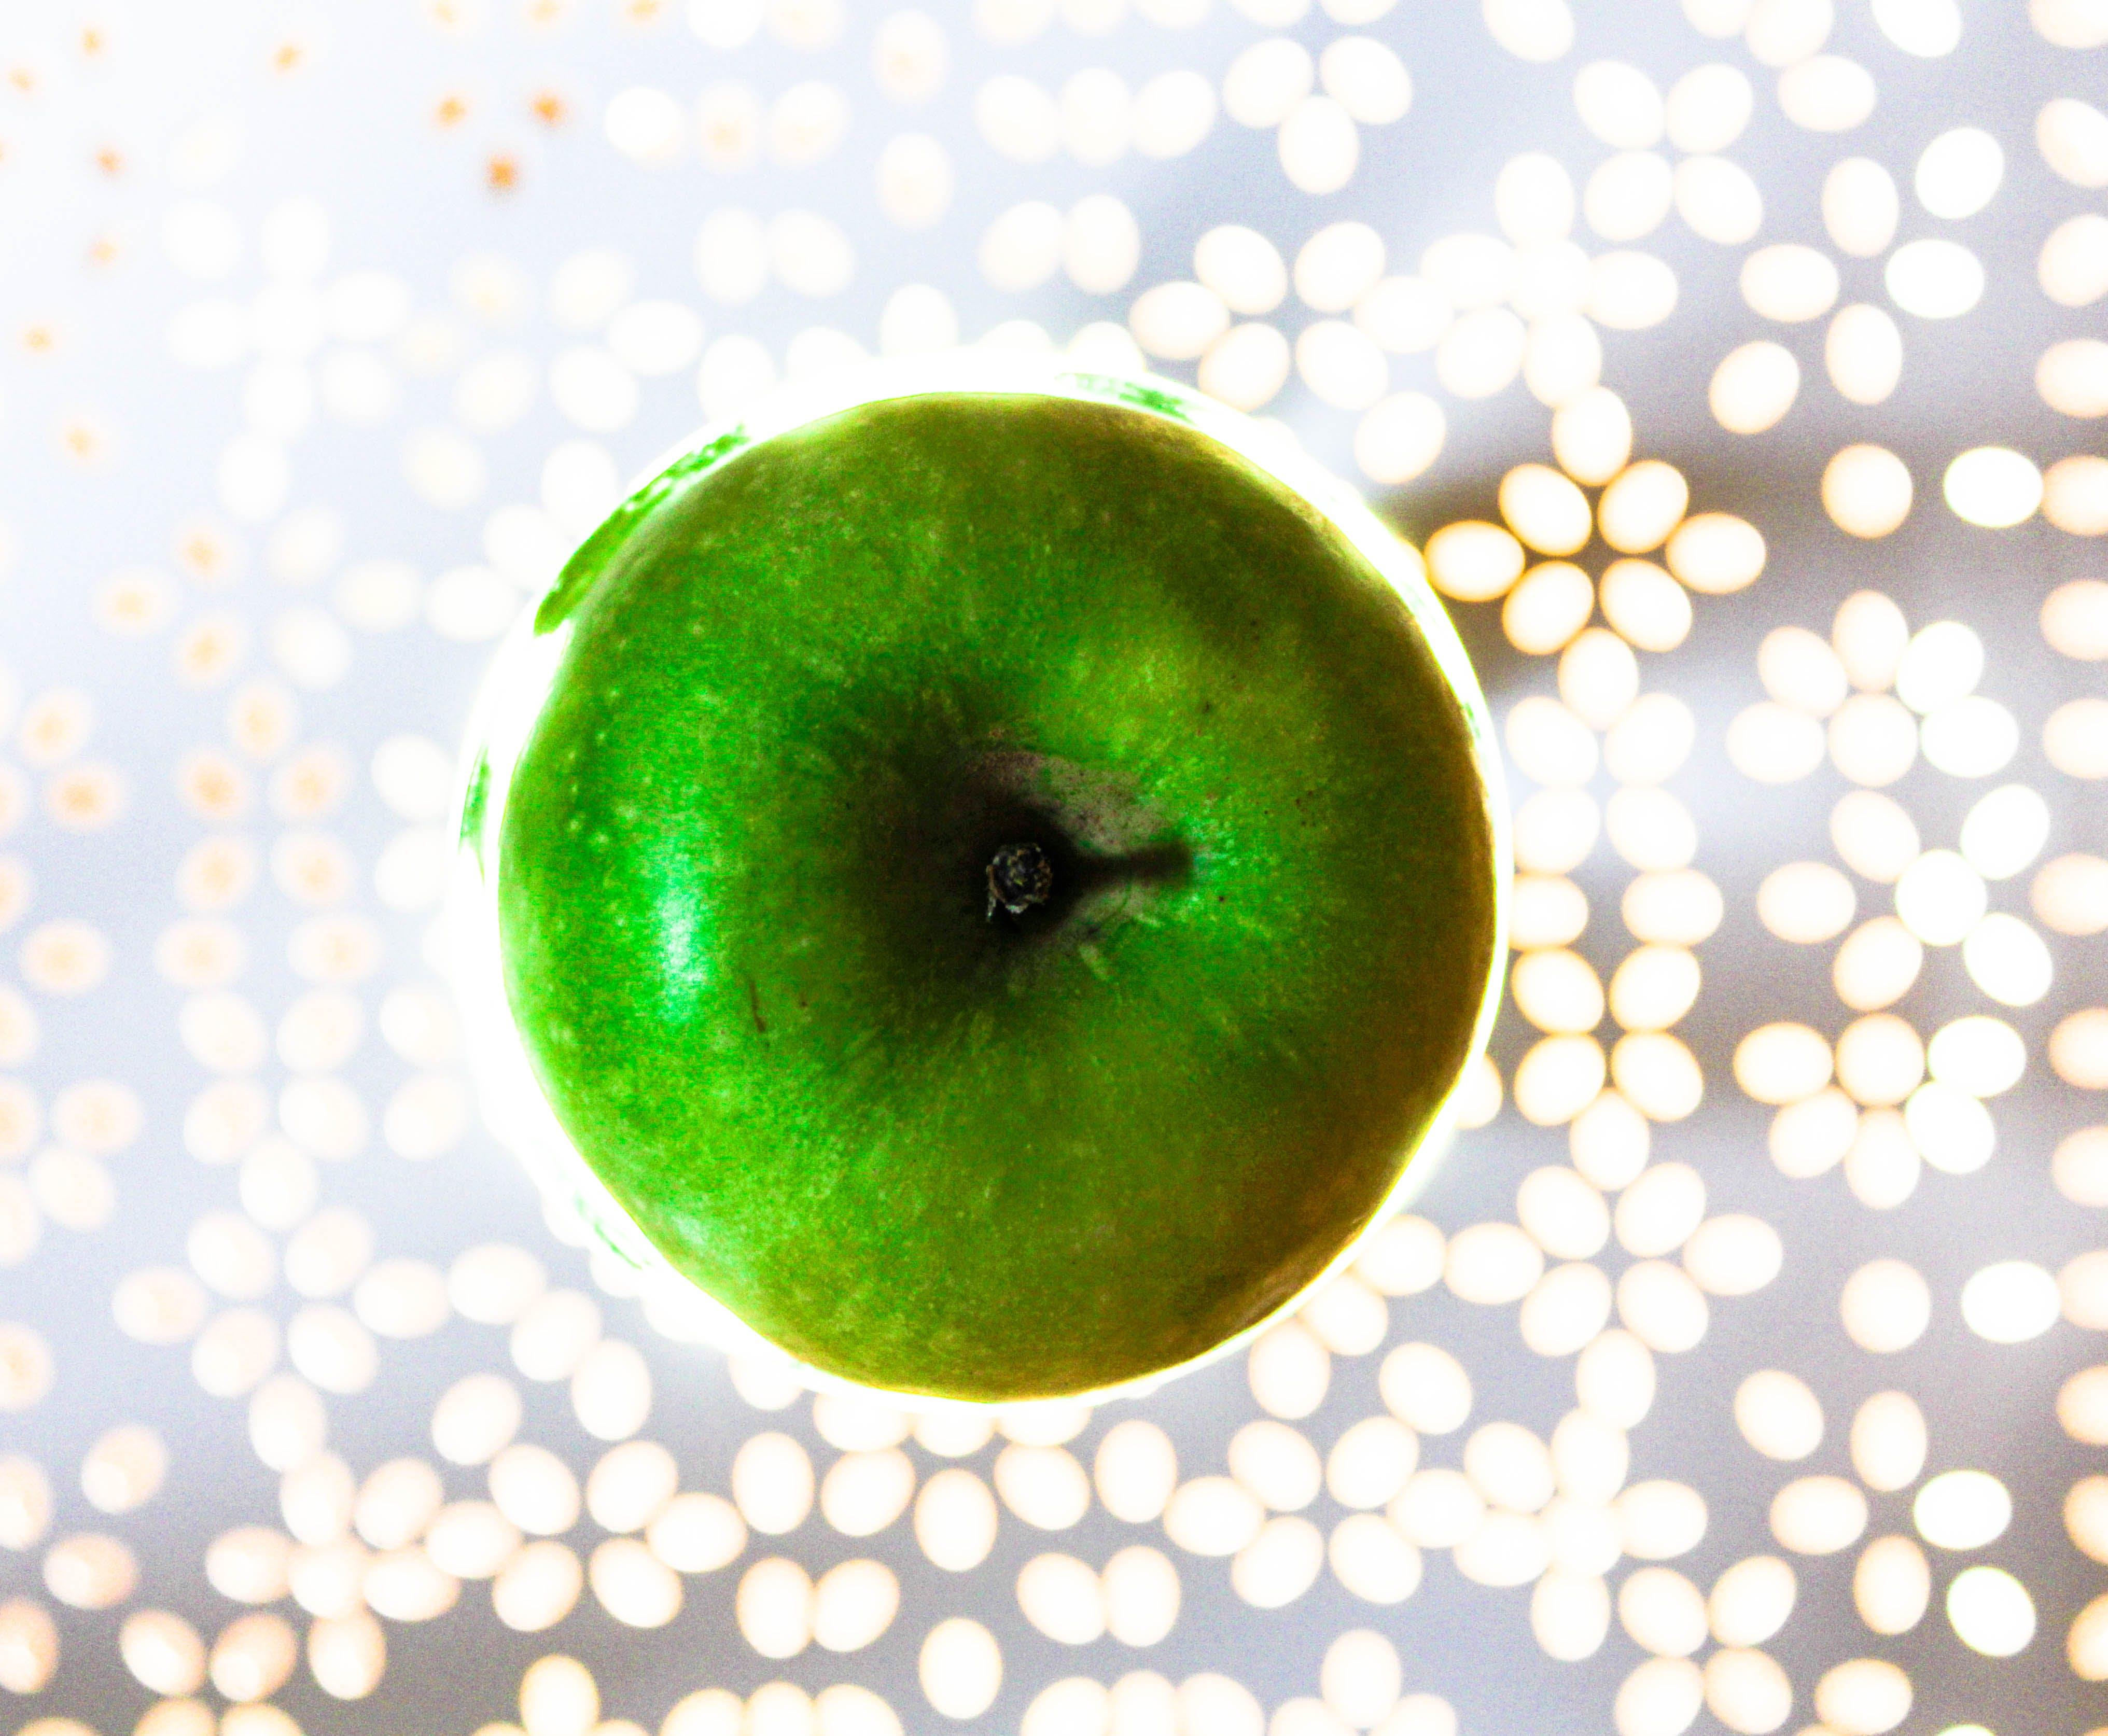 Kostenloses Stock Foto zu abstrakten hintergrund, cool, frisch, frucht